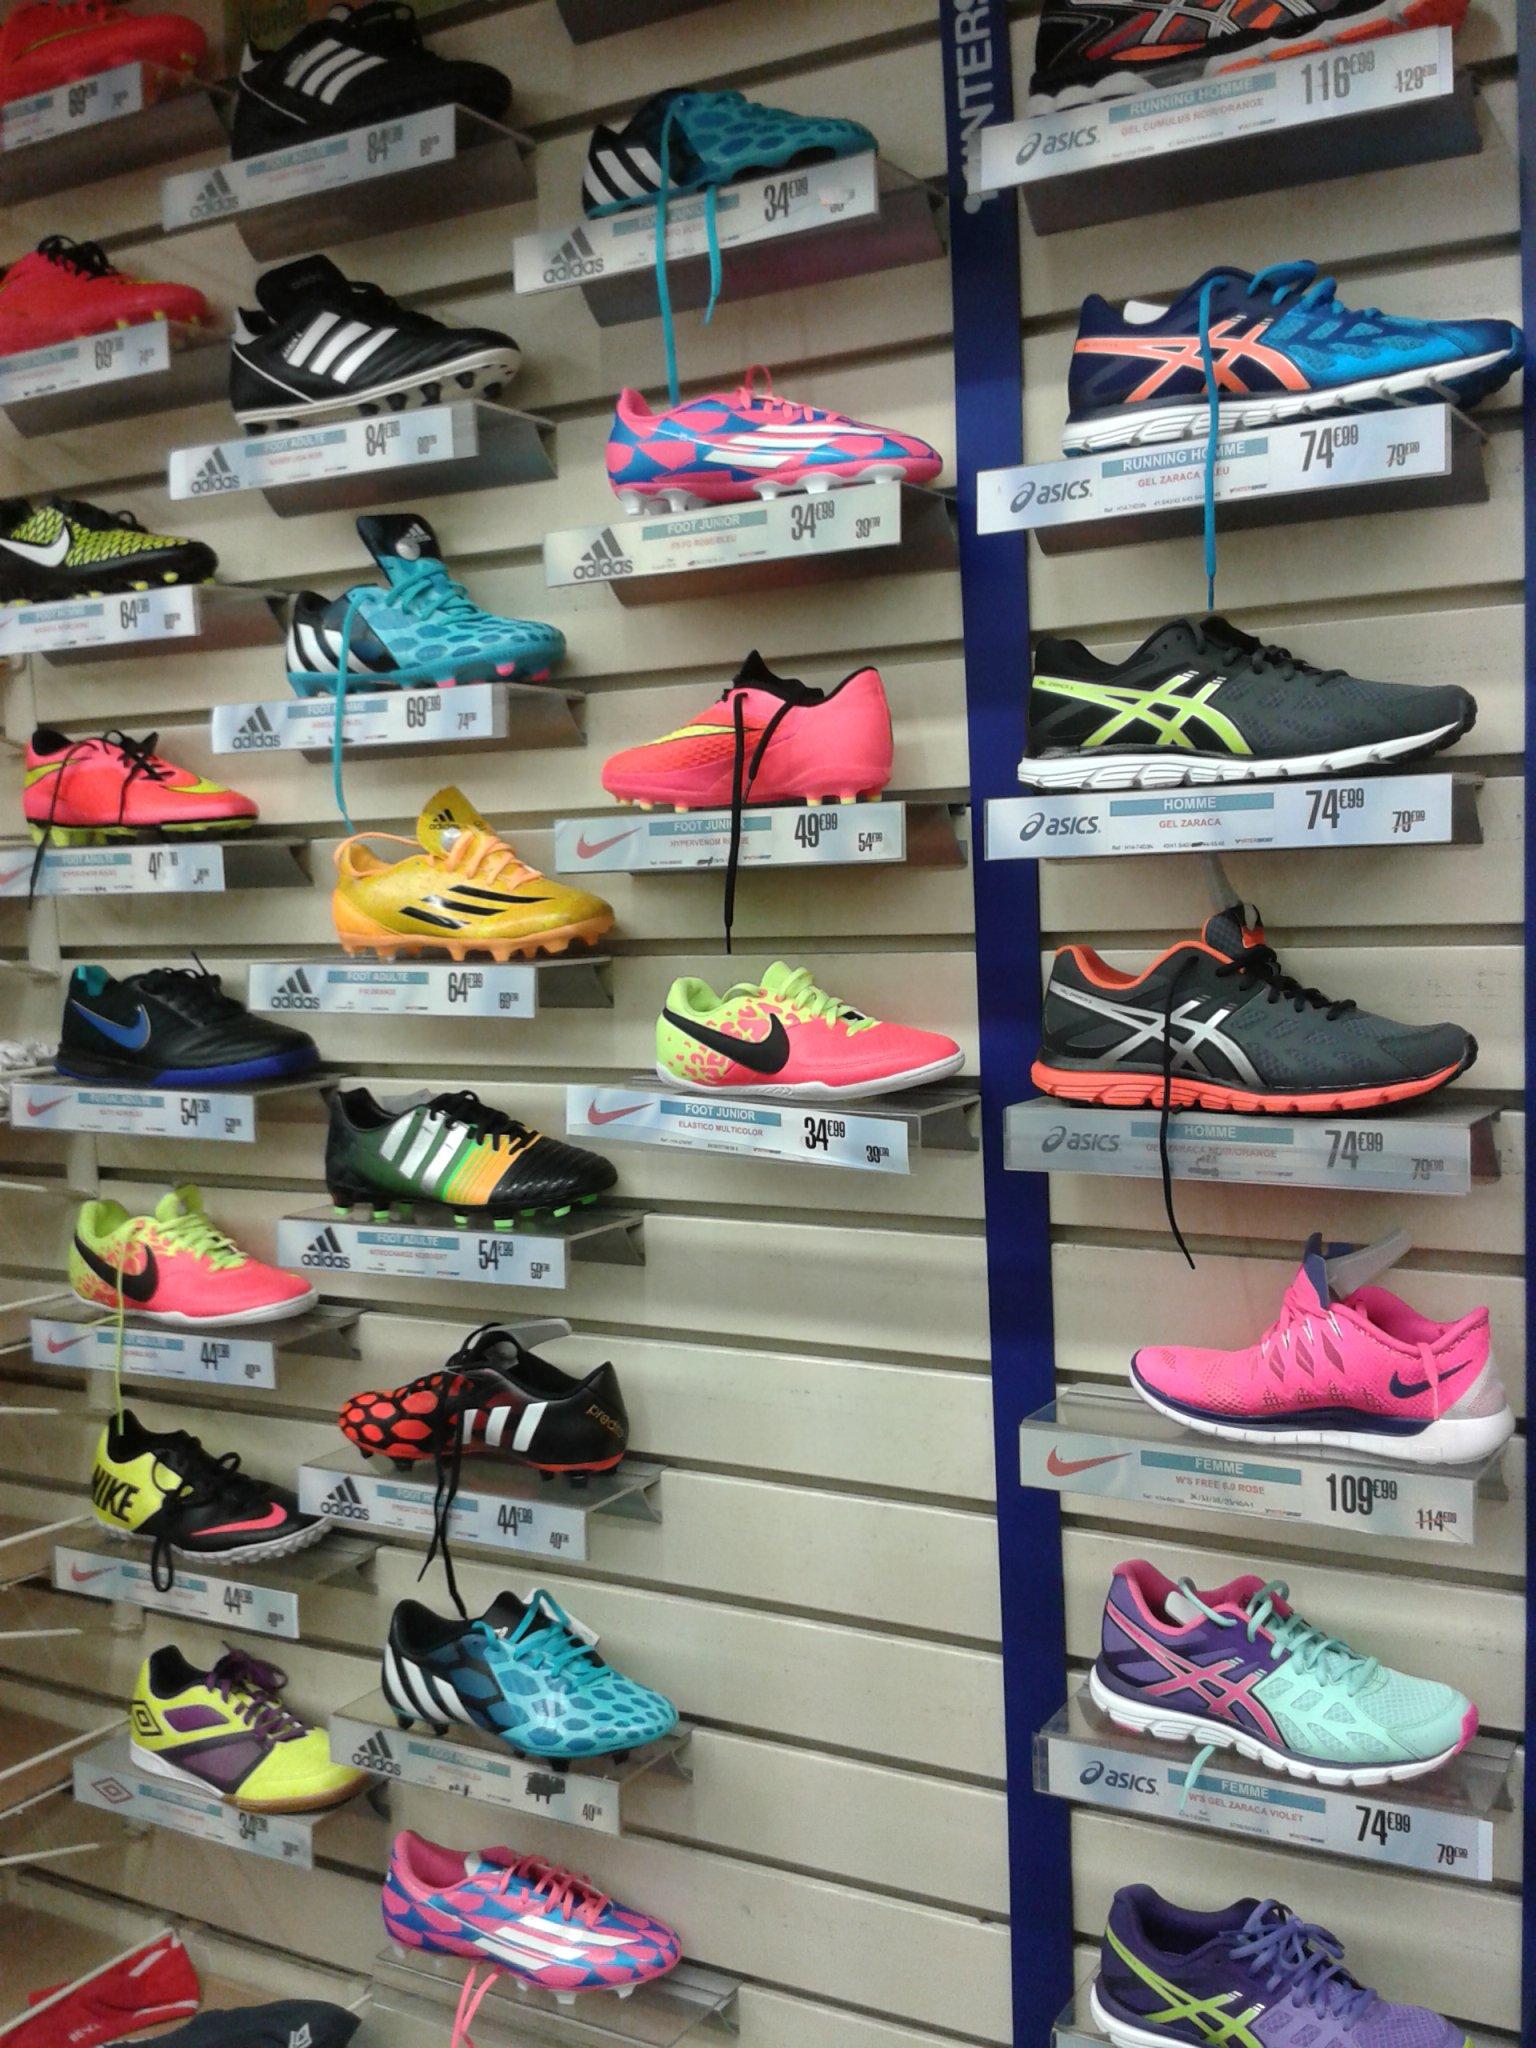 La halle au sport magasin d 39 usine - Adresse de l usine a roubaix ...